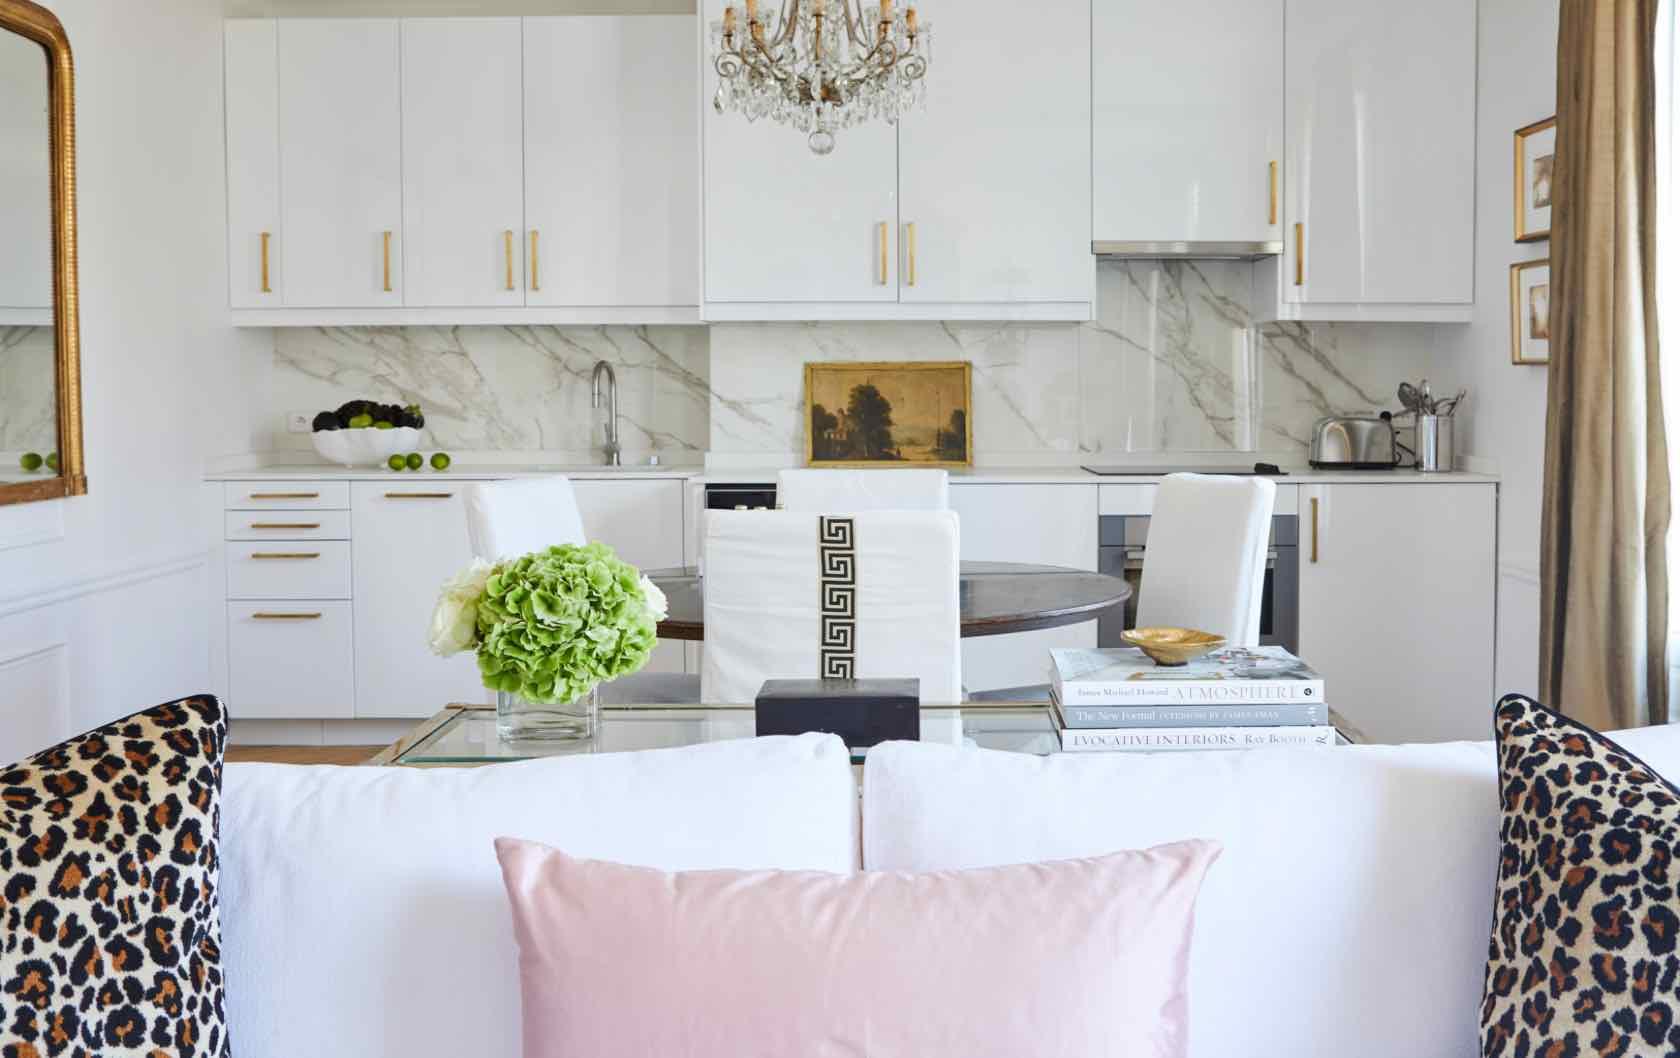 Conti apartment kitchen